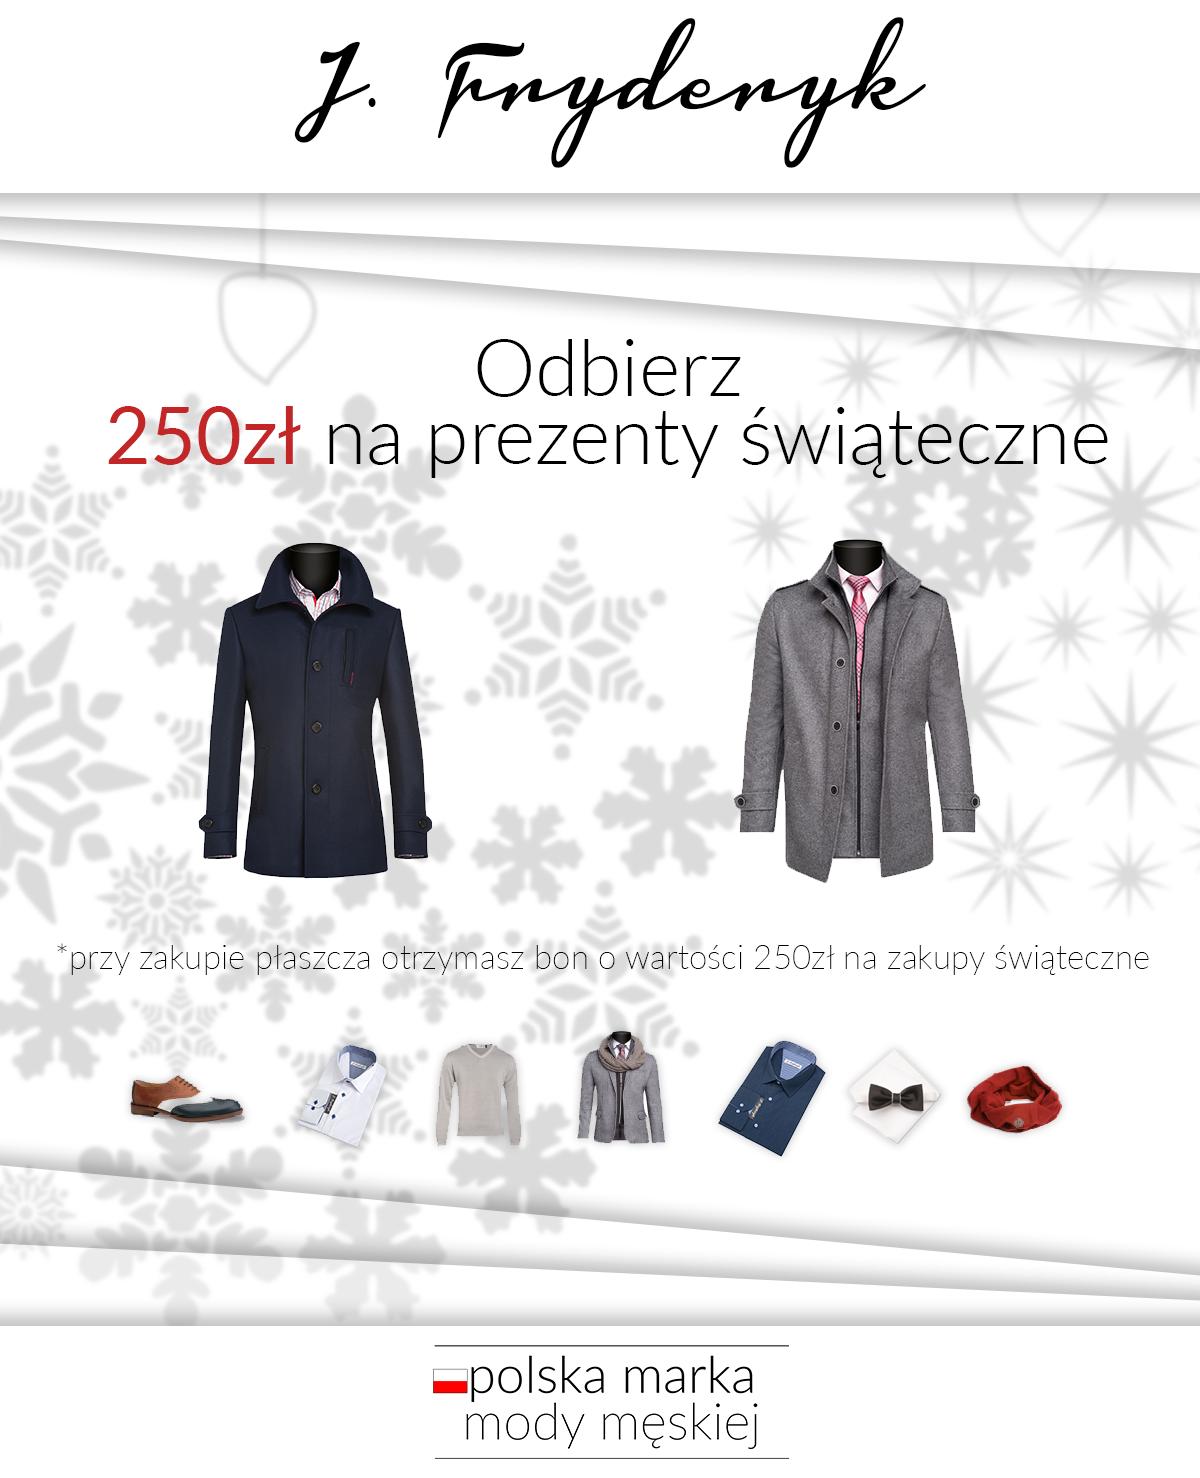 Zbliża się zima, a z nią święta. Zainwestuj w swoich bliskich. #święta #moda #męska #men #fashion #mensfashion #christmas #